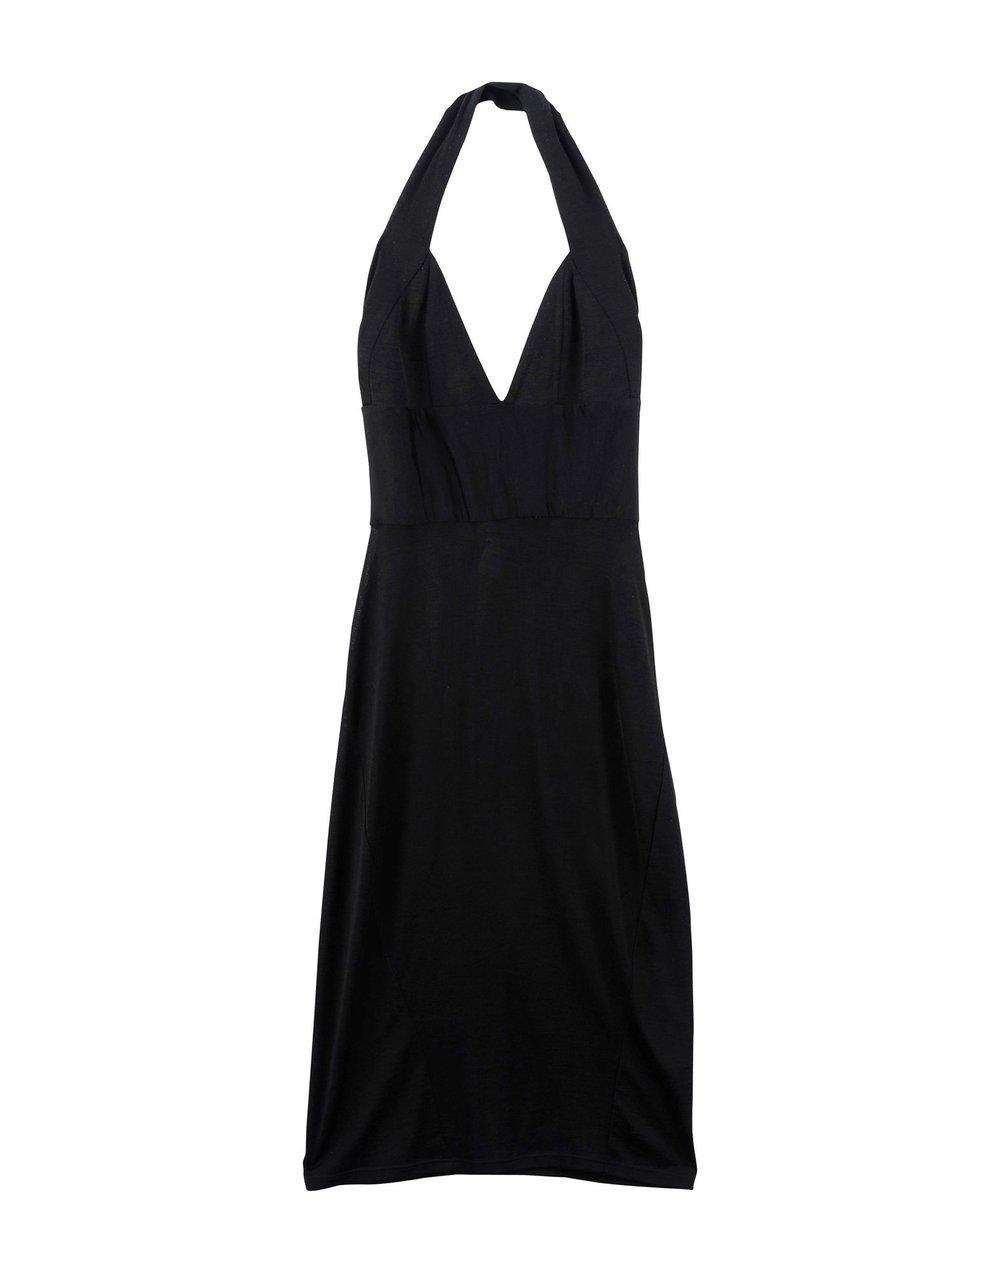 - SHORT JERSEY DRESS $203